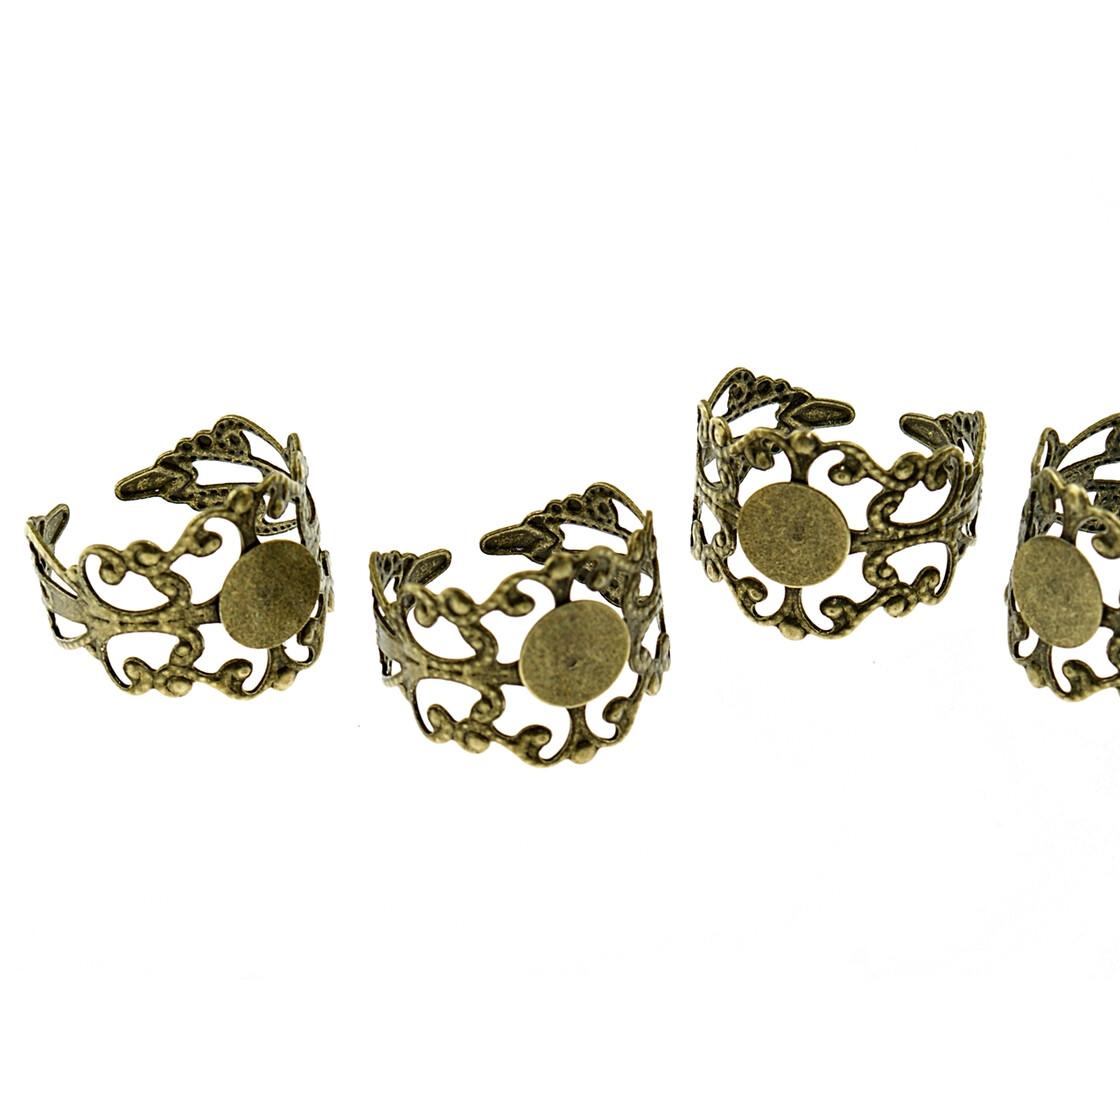 3-ringrohlinge-in-antik-bronze-fuer-klebeperlen.jpg